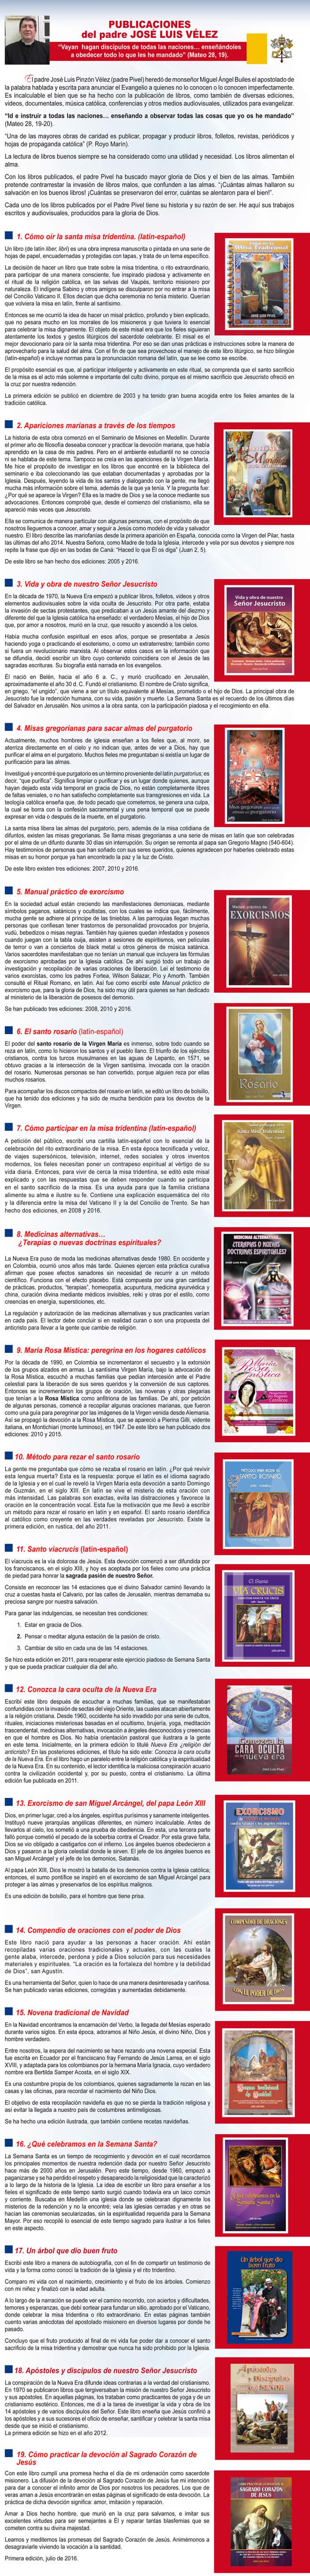 Publicaciones 1